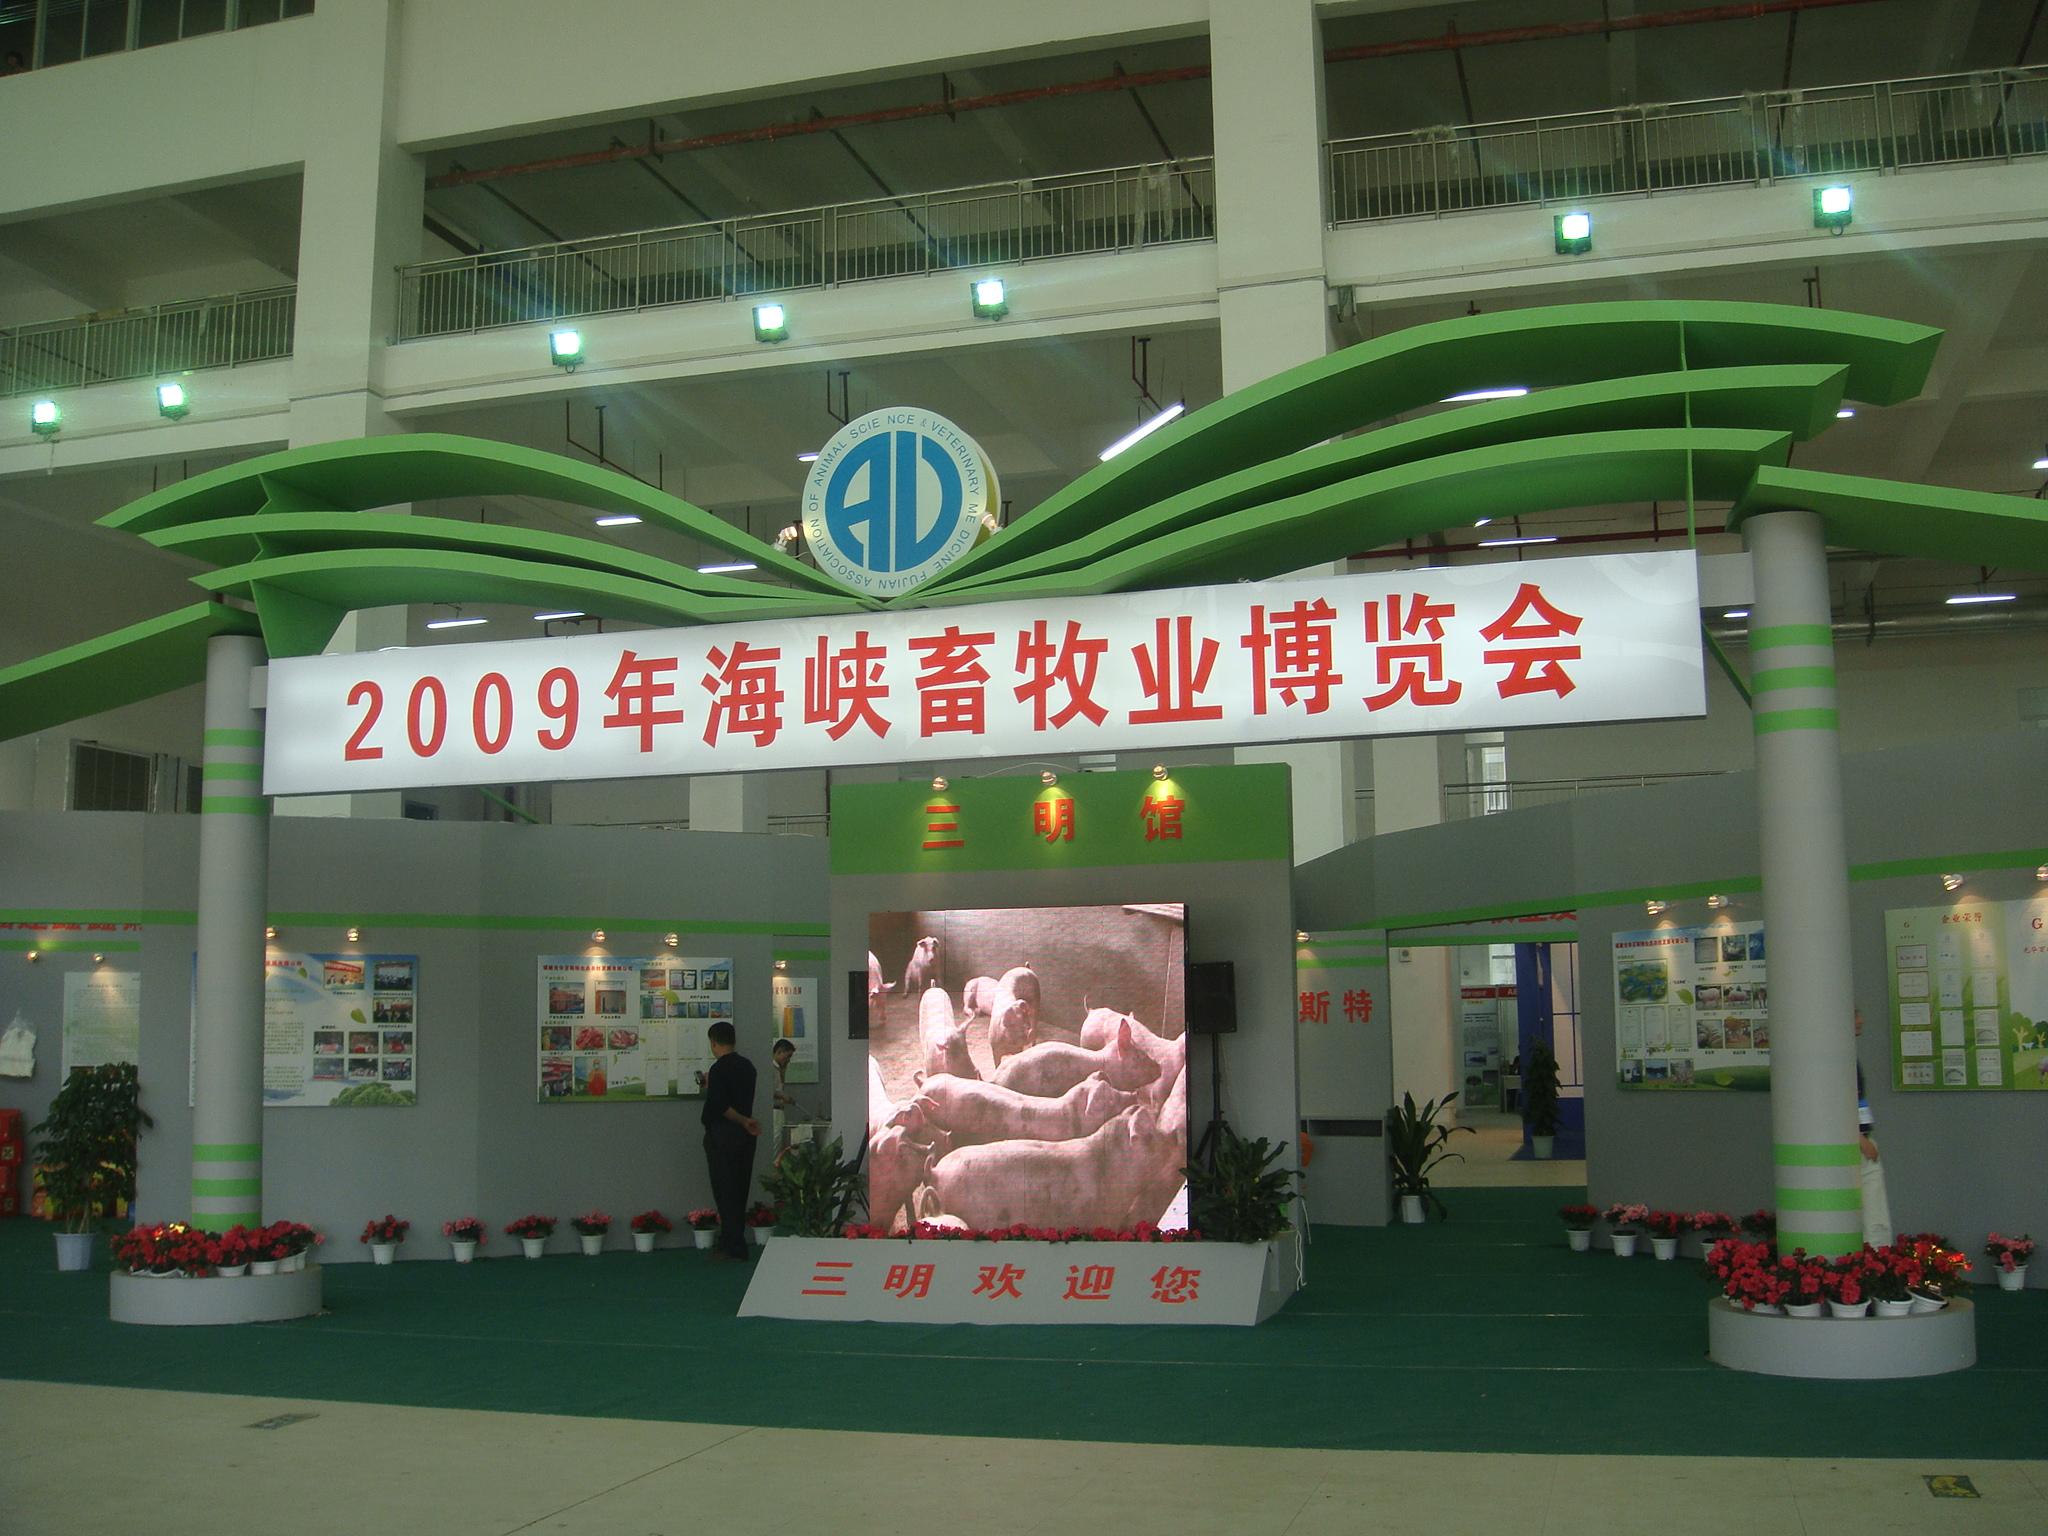 3.海峡畜牧博览会展厅.JPG